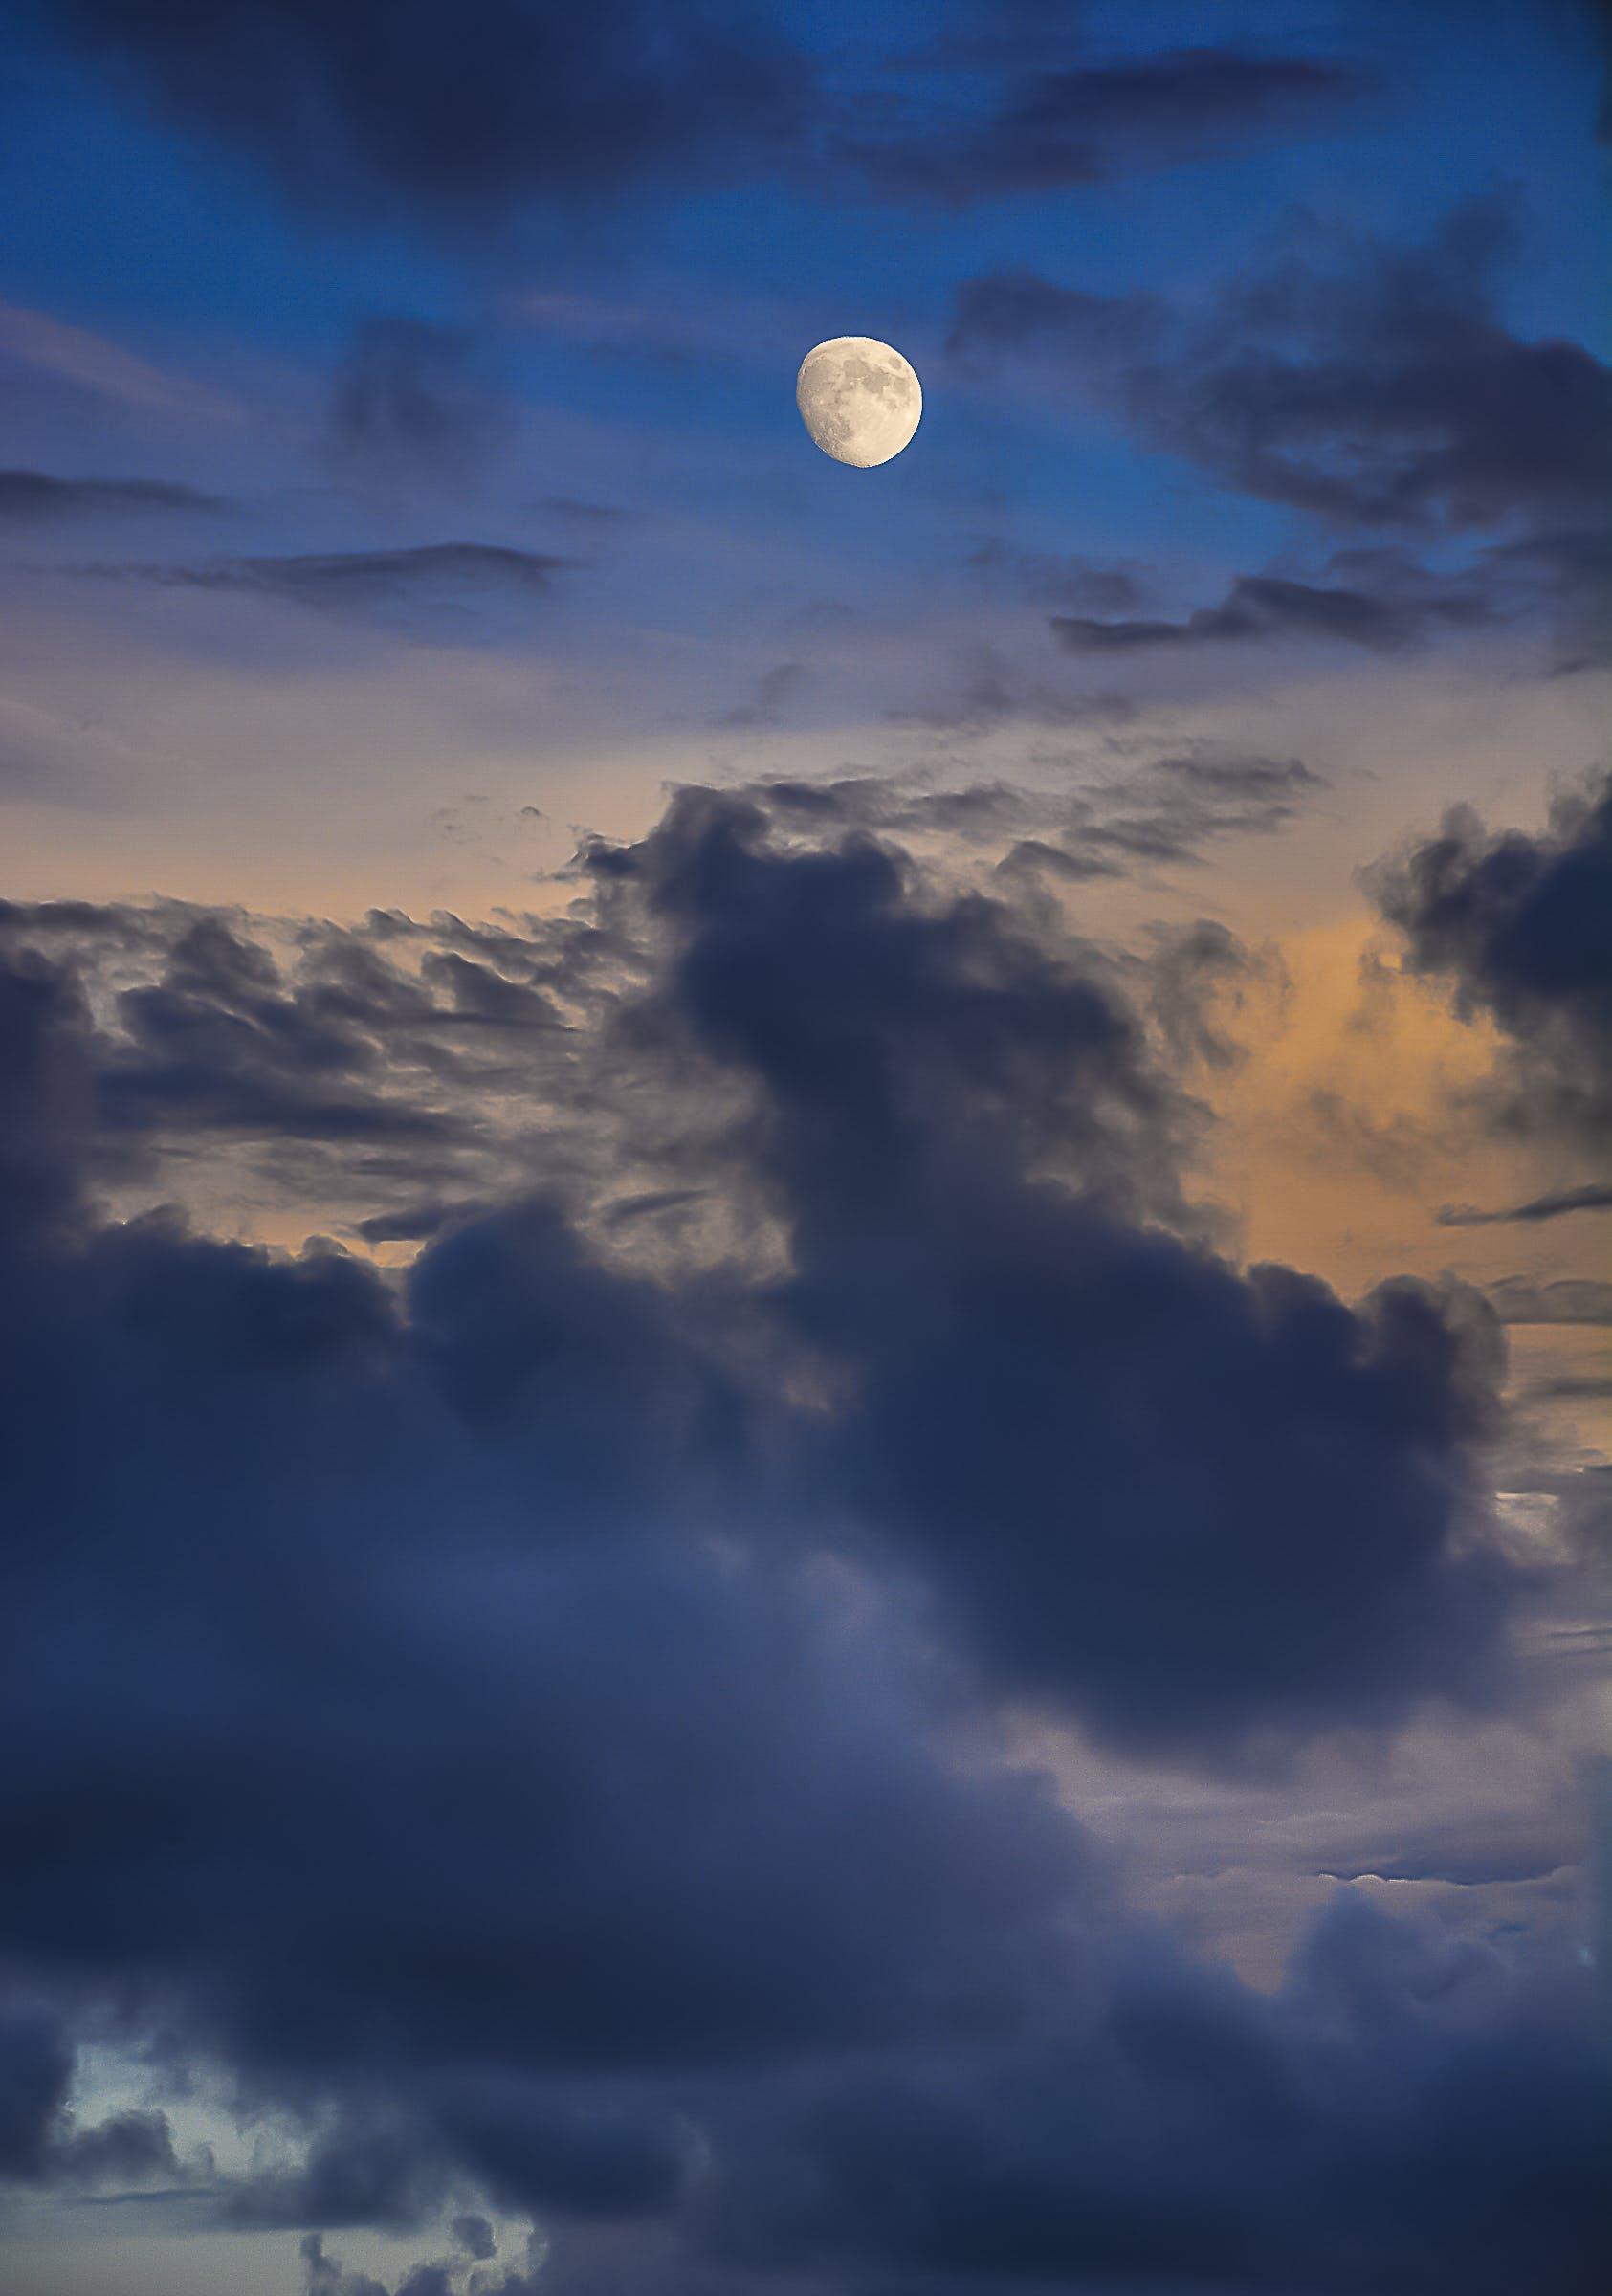 atmosféra, denní světlo, luna